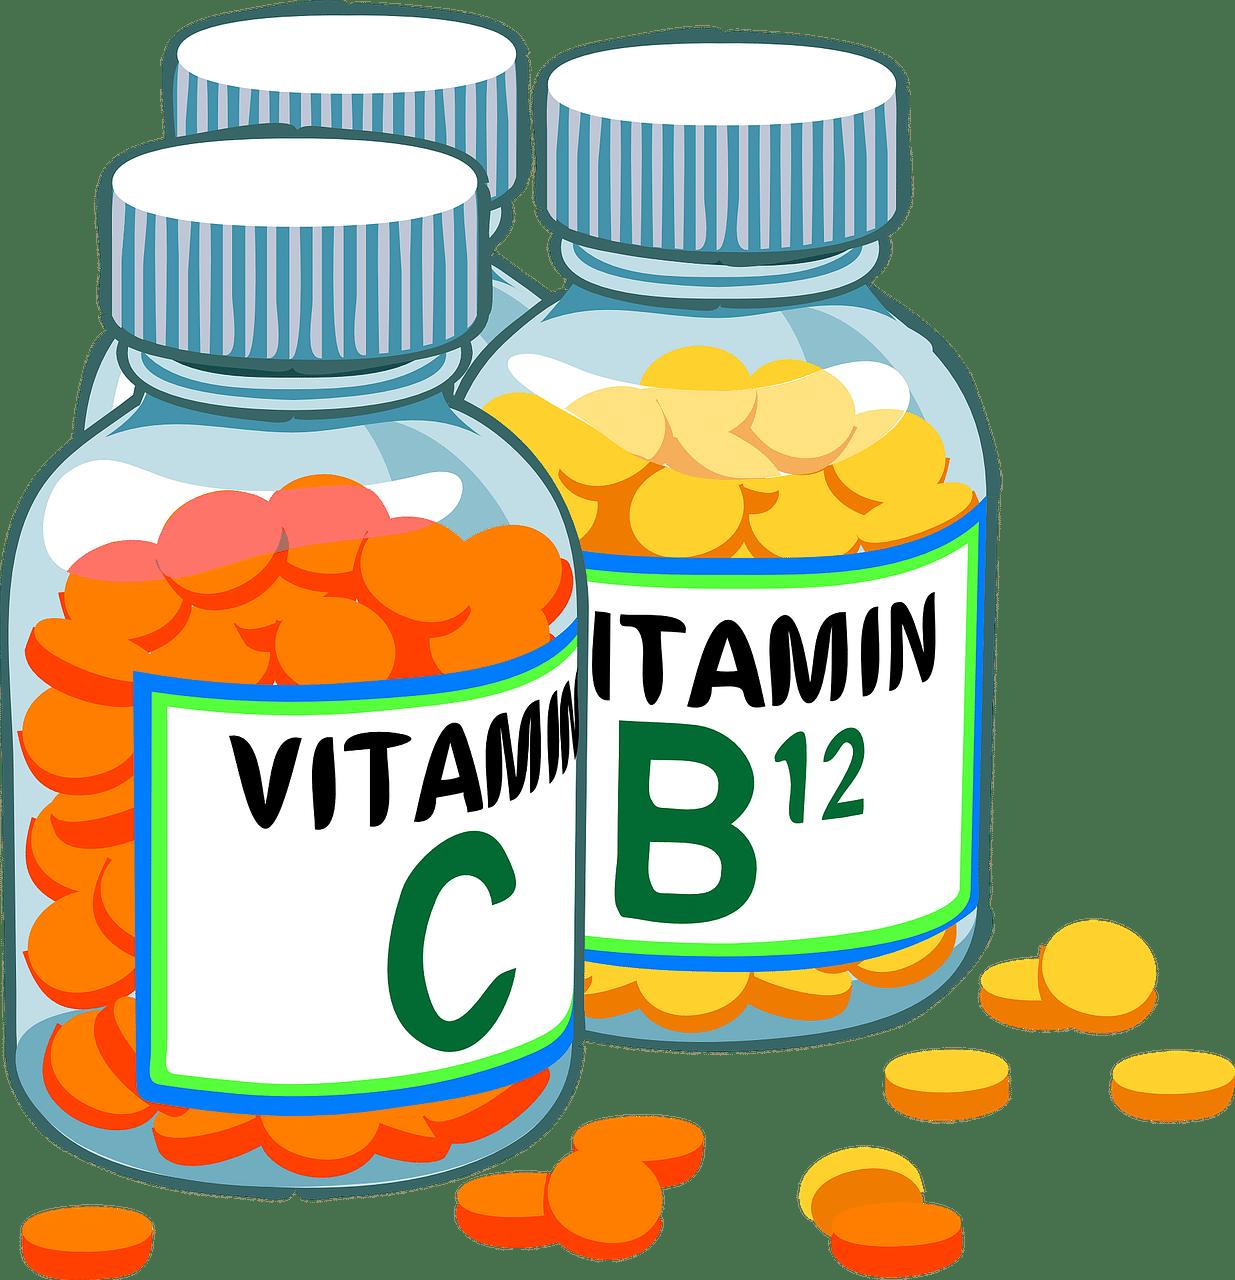 vitamina 1624087182 - Vitamina B12: quanto è importante e quali alimenti la contengono